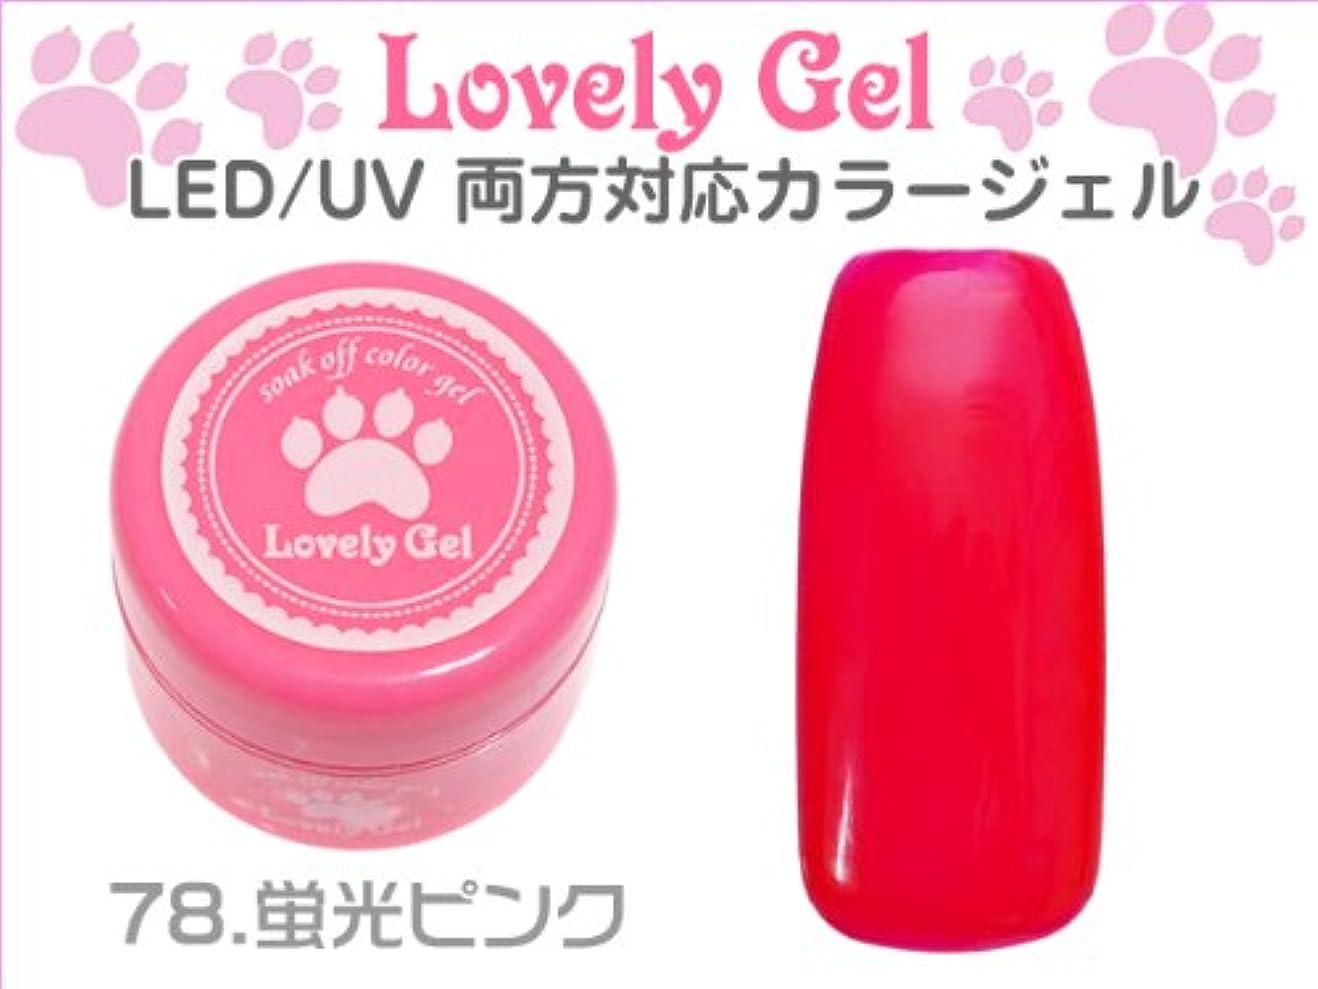 ゴミ売上高ケント;高品質カラージェル[蛍光ピンク]UV LED対応#78ジェルネイル 柔らかくて塗りやすい保管で劣化しにくい パステルカラー&ナチュラルカラー